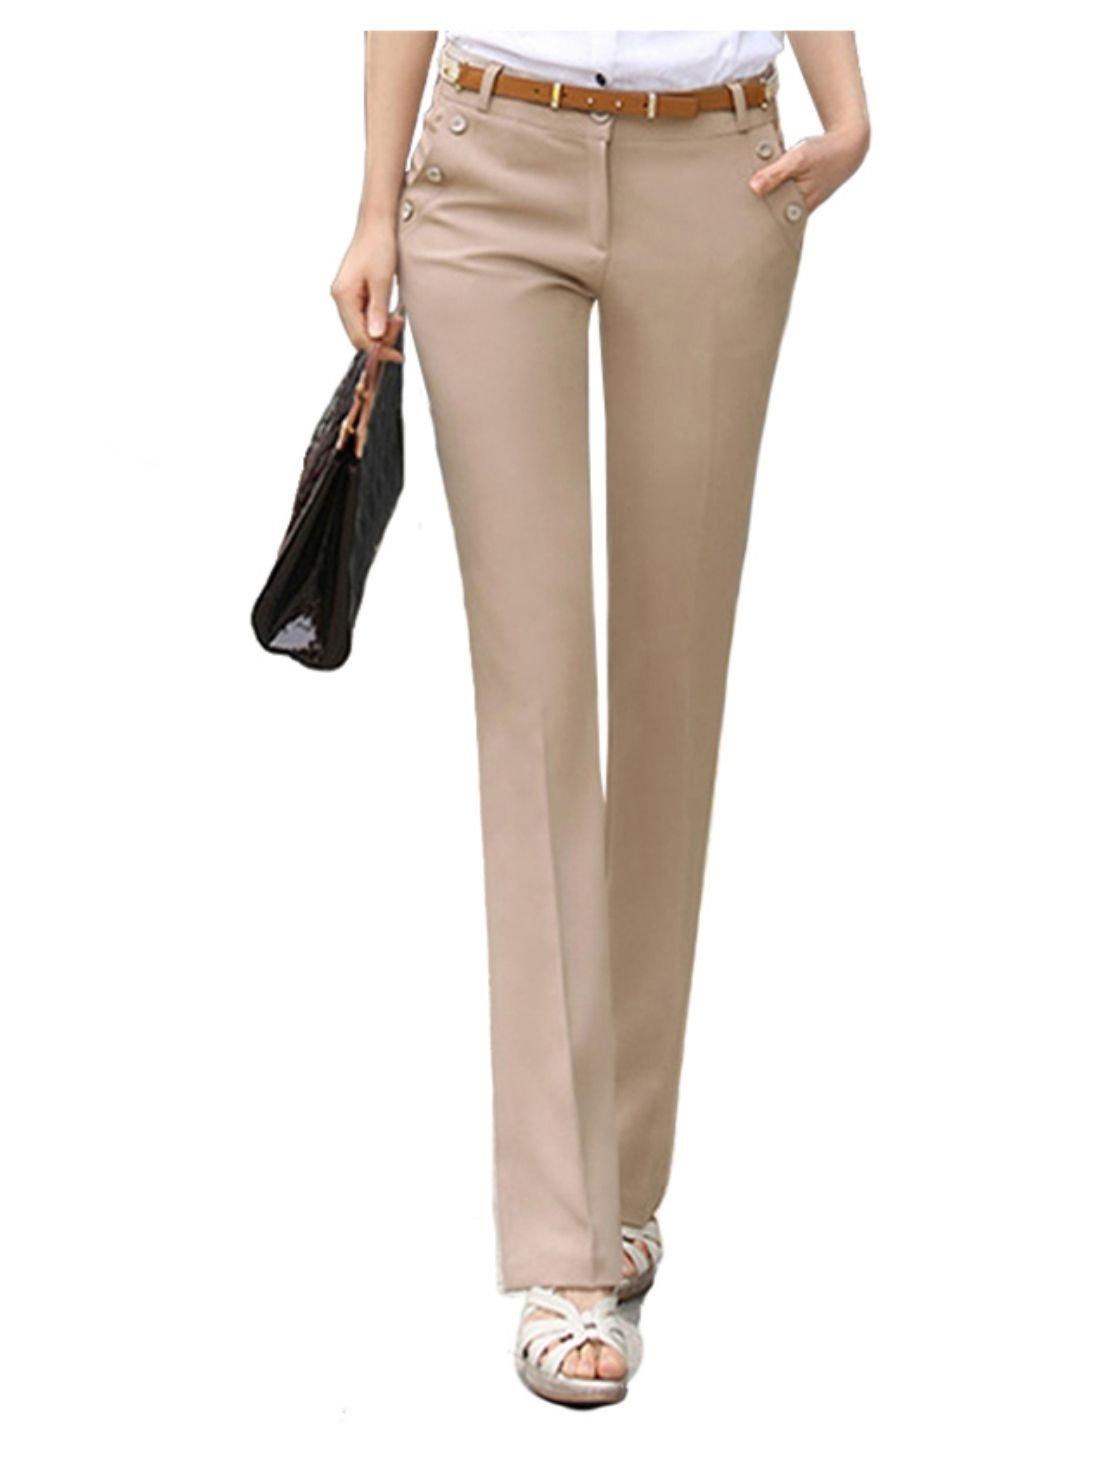 Wholesale Casual Fancy Woolen Zipper Fly Women's